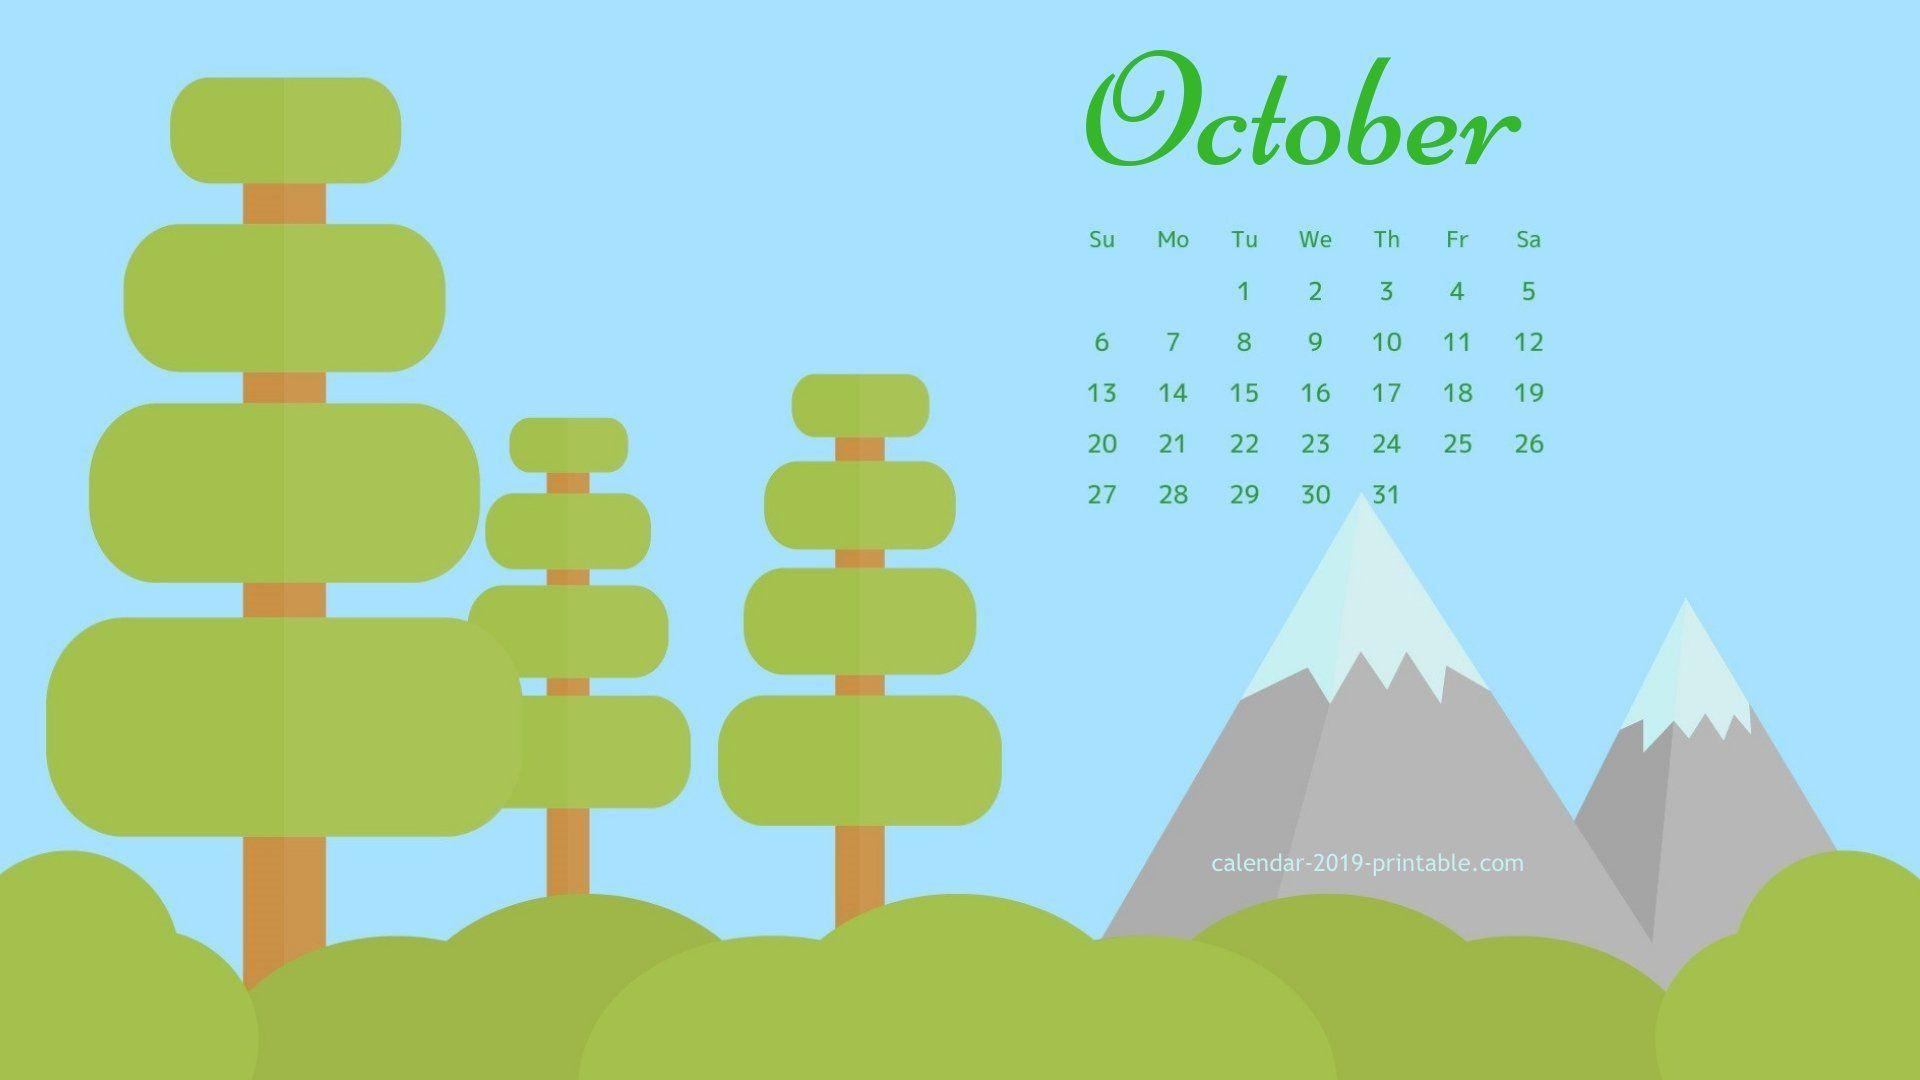 october 2019 calendar nature wallpaper Calendar 2019 Wallpapers 1920x1080